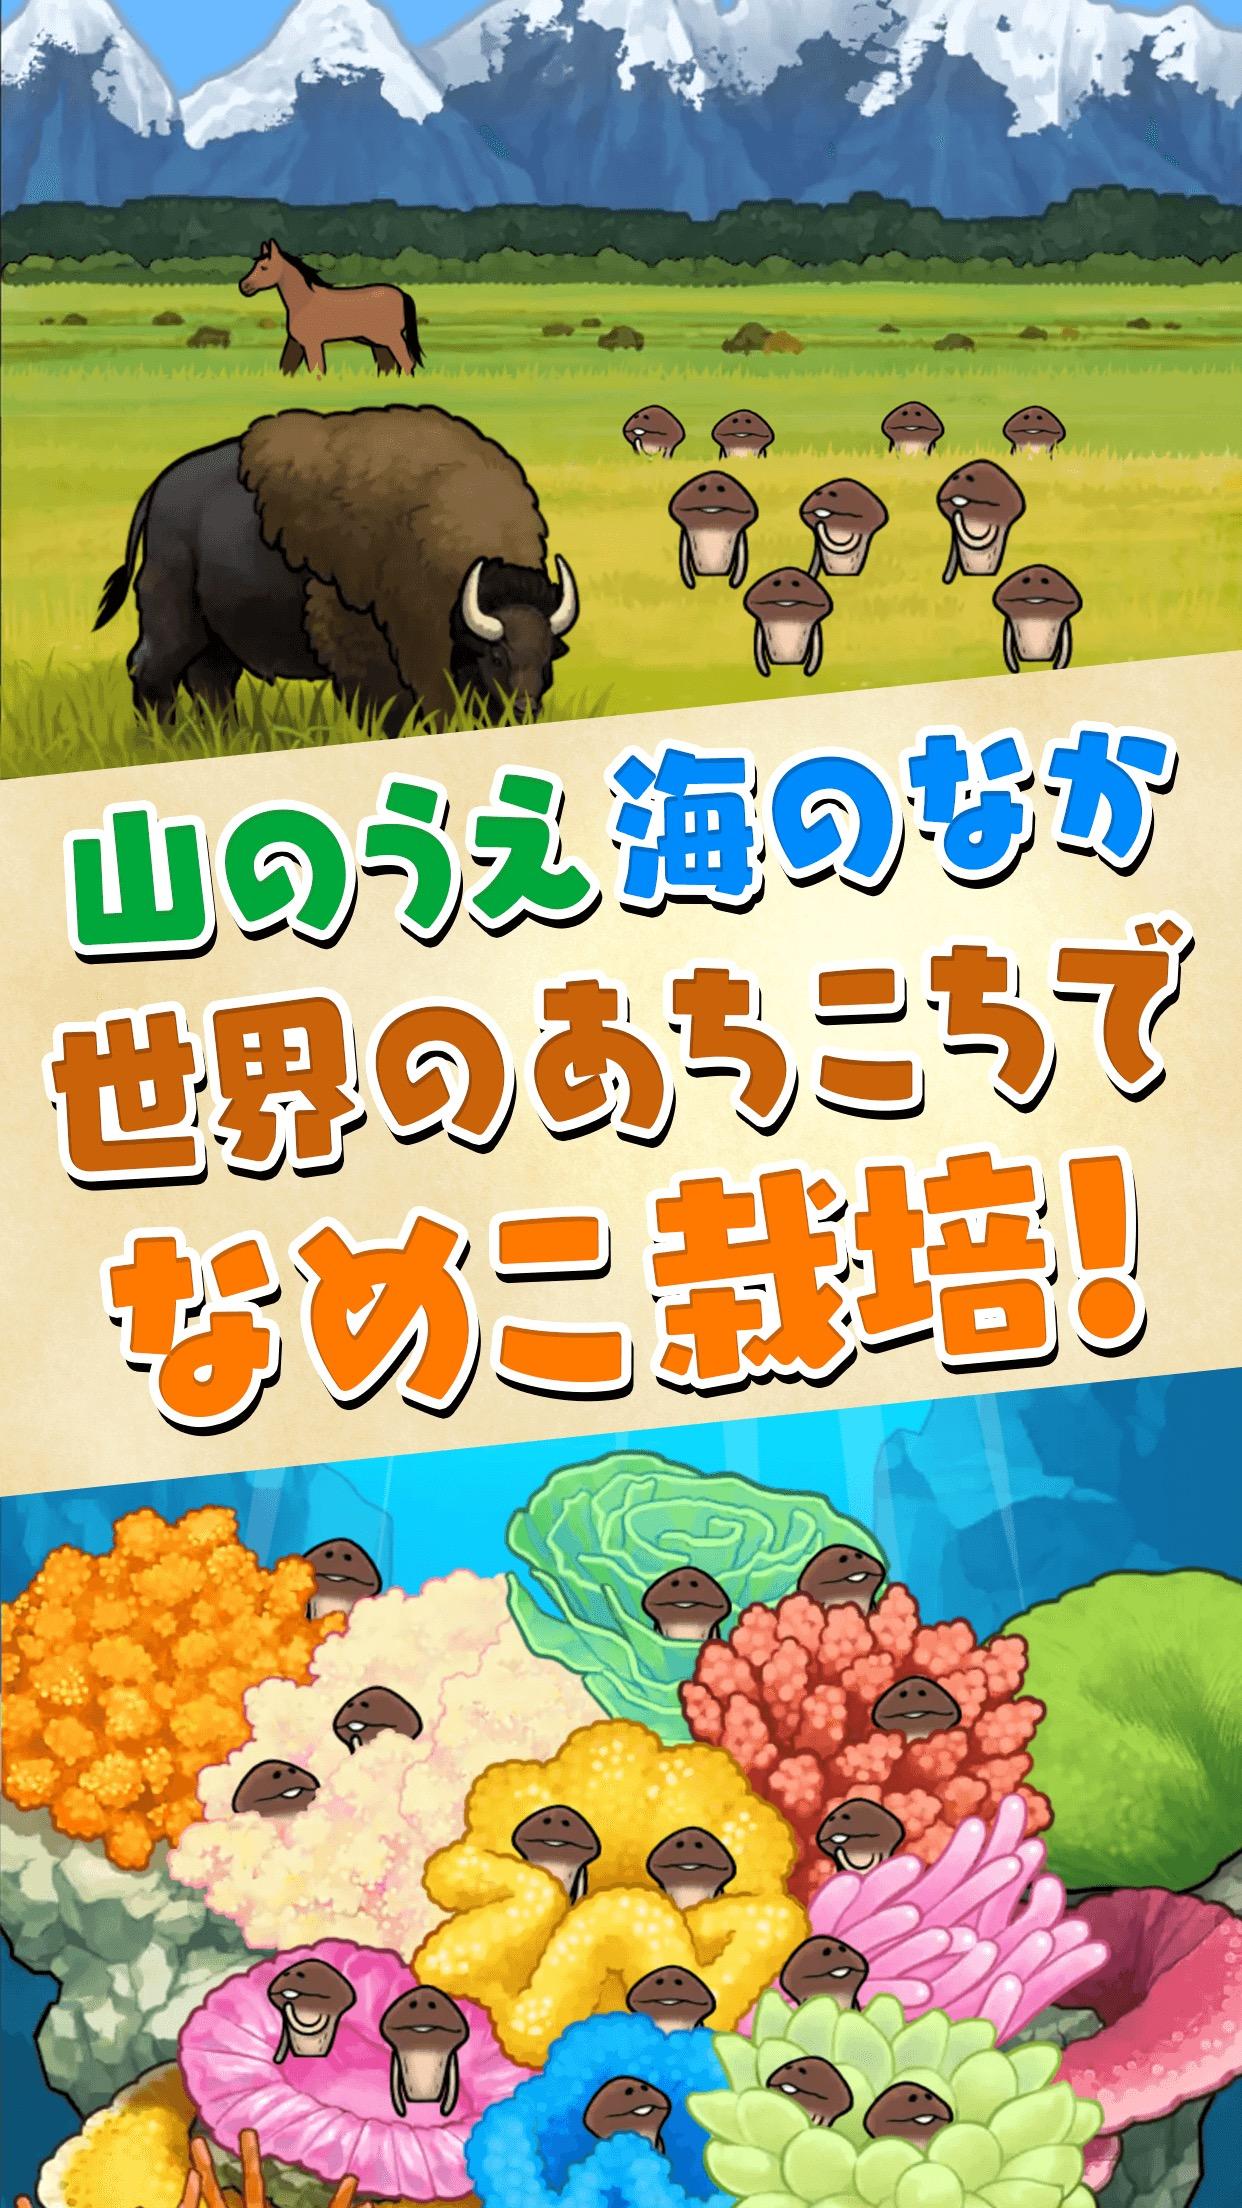 なめこシリーズ最新作 なめこ栽培キット ザ ワールド リリース